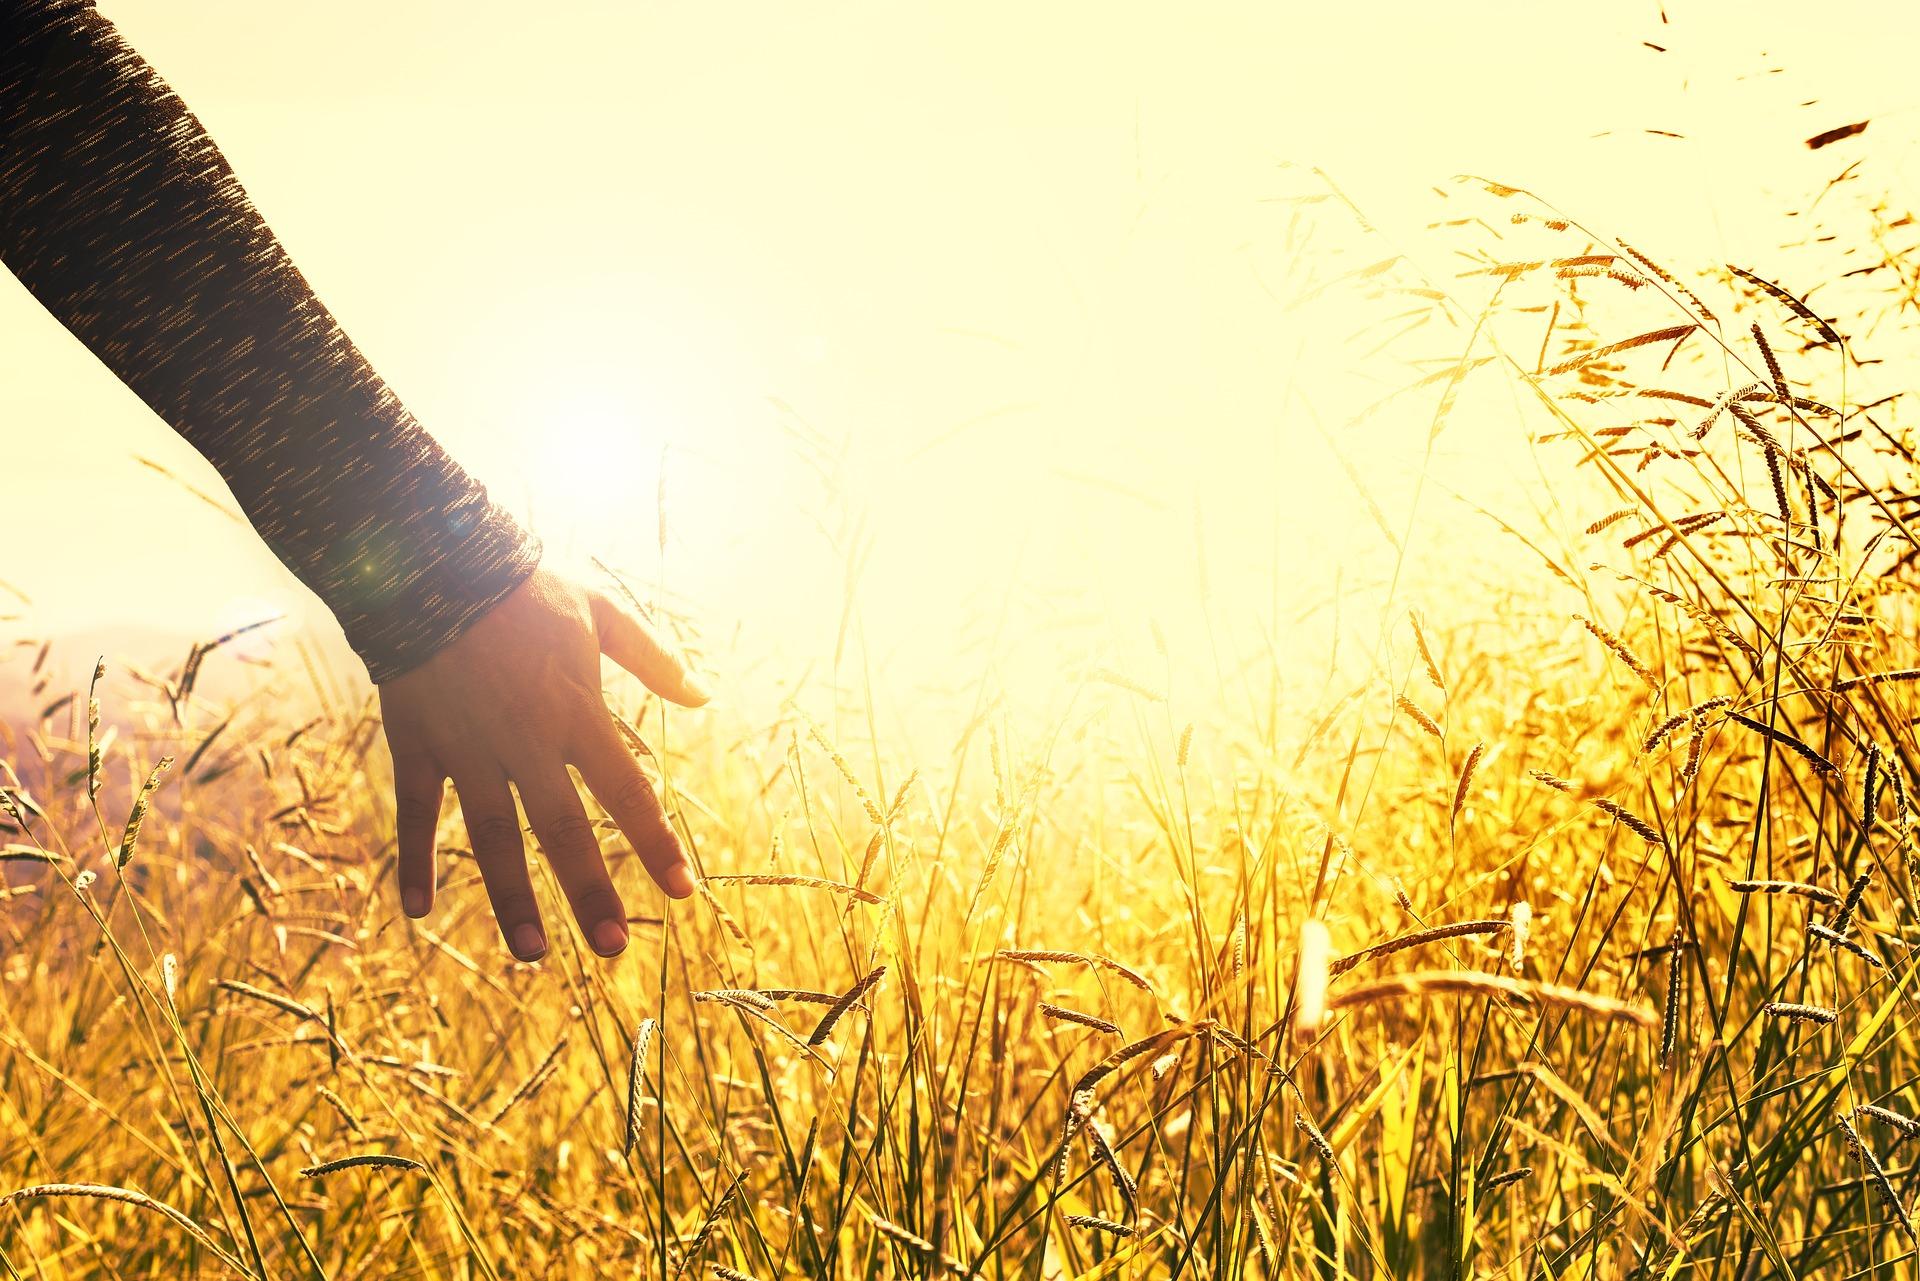 Põllumaa | põllu müük | põllumaa müük, põllumaa ostmine | põllu ostmine |